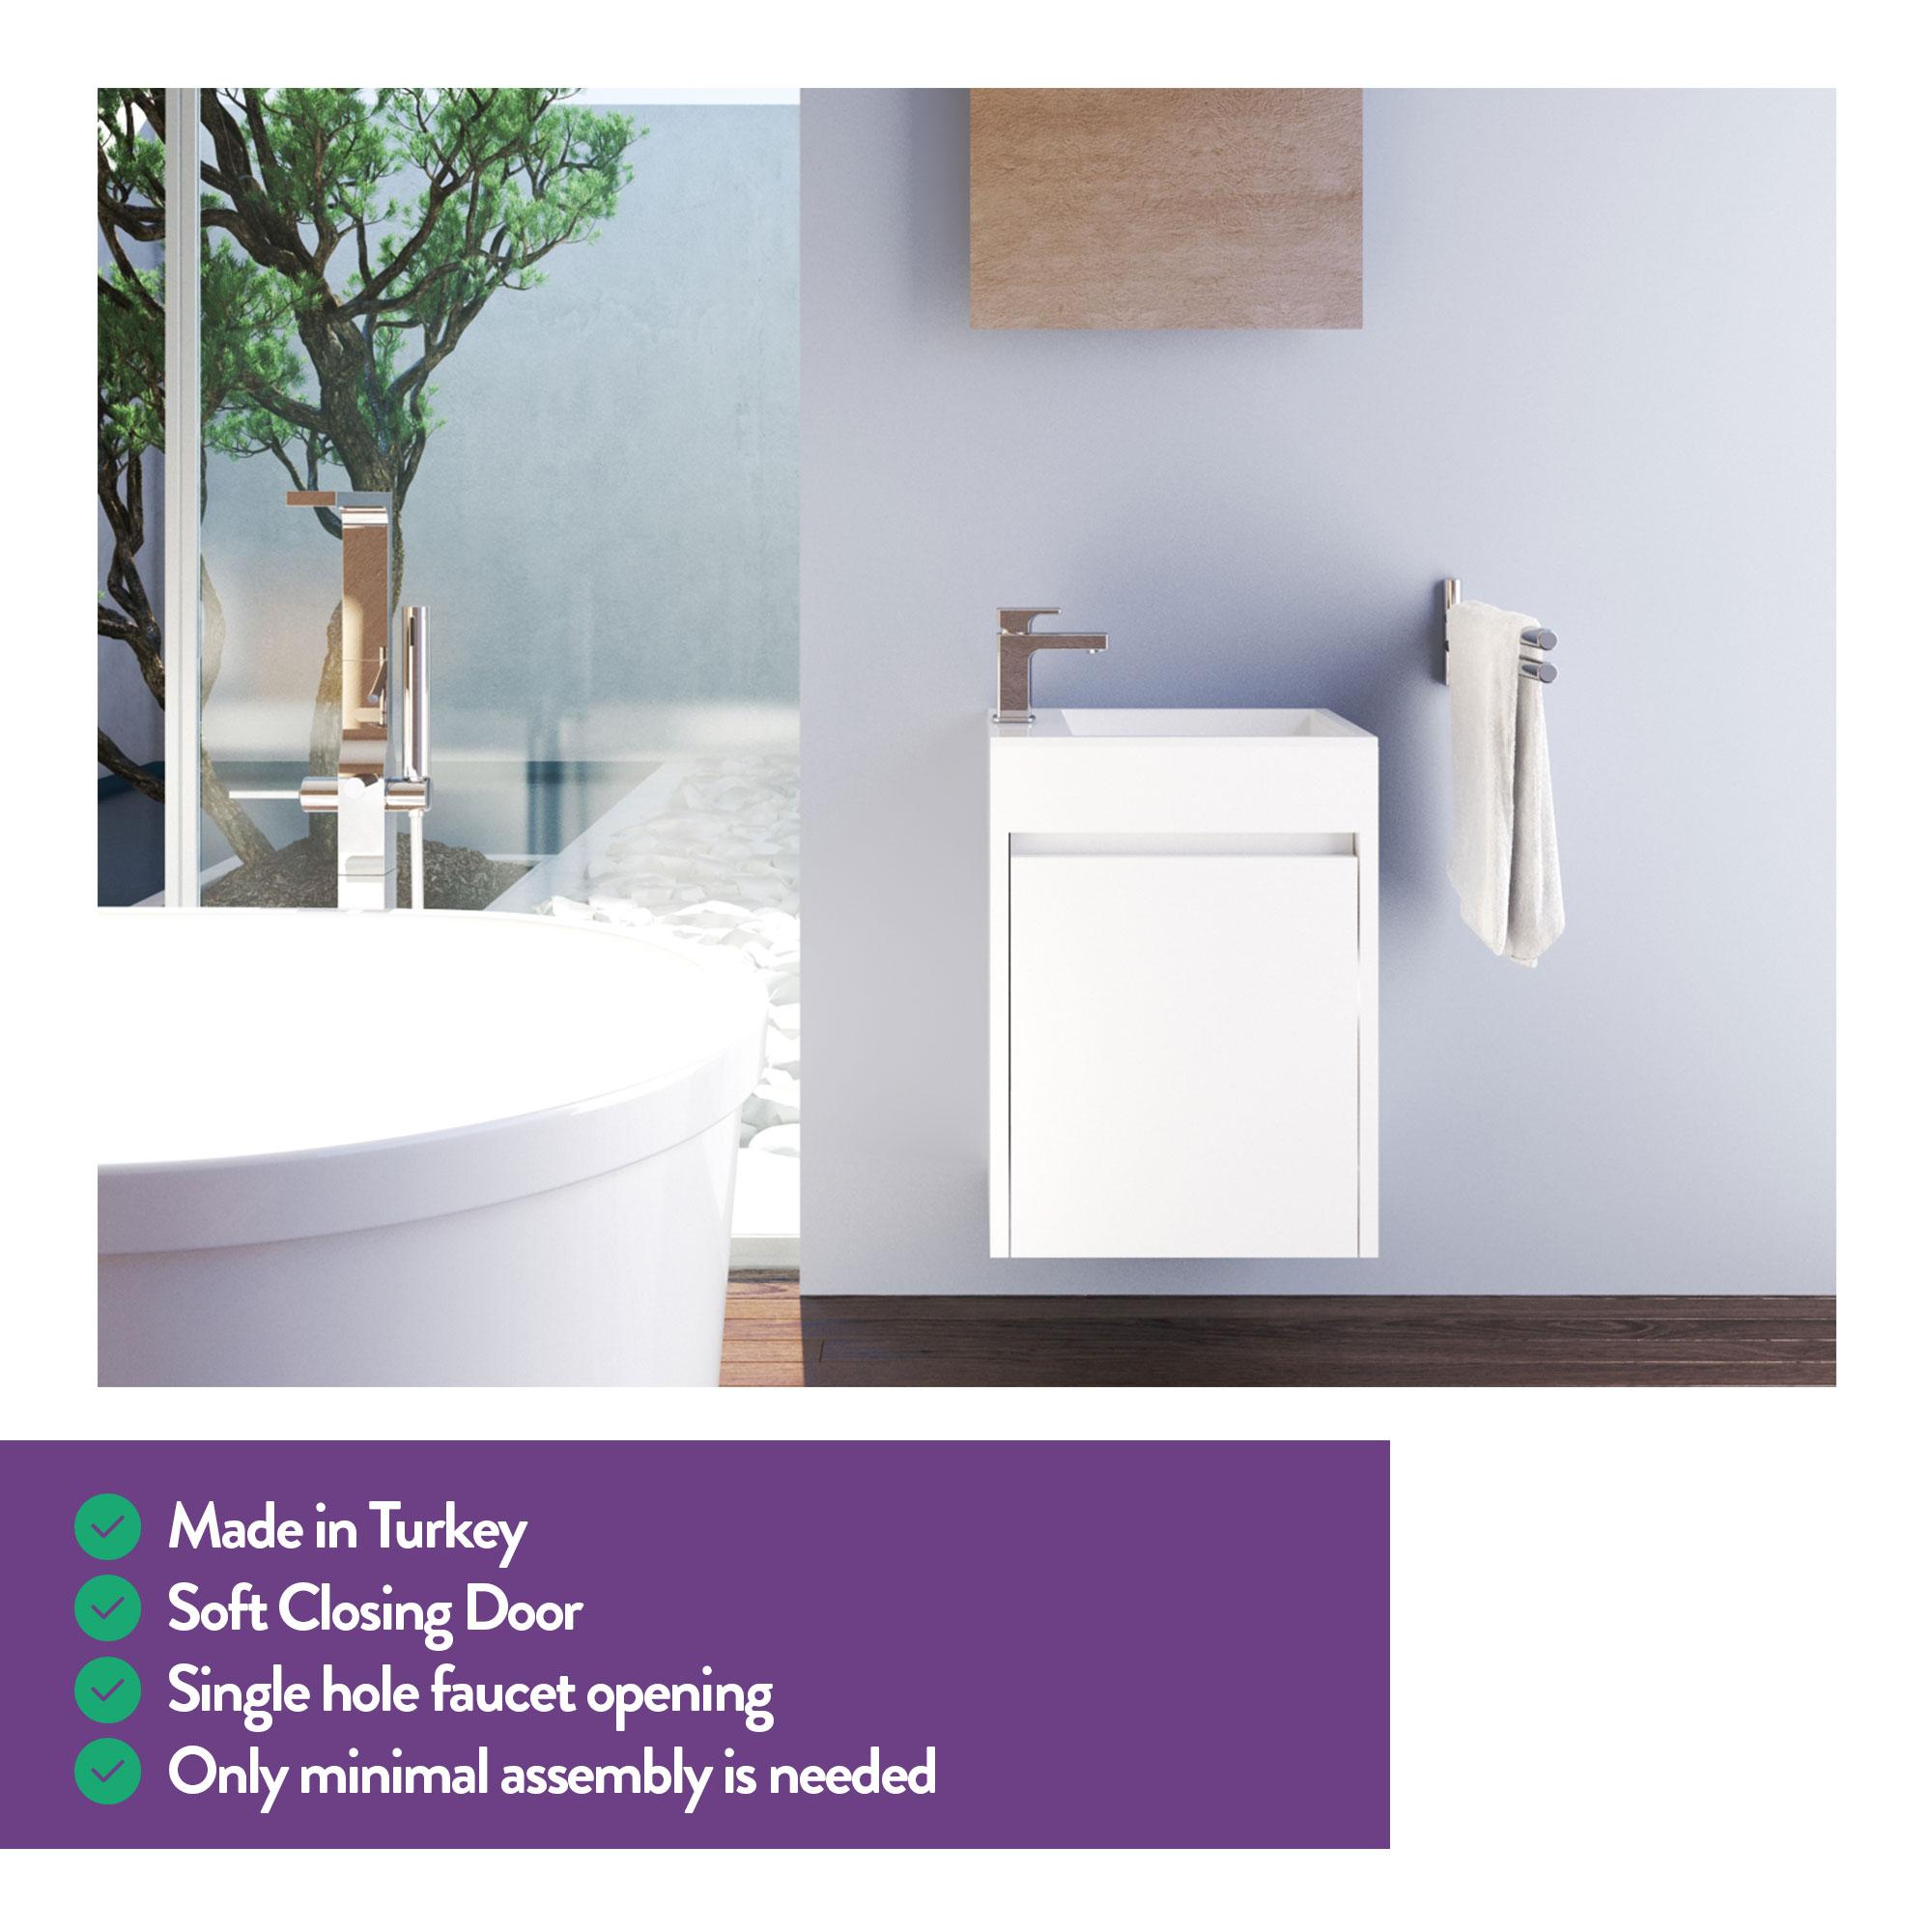 Bathroom Sinks - Undermount, Pedestal & More: 15 Inch ...